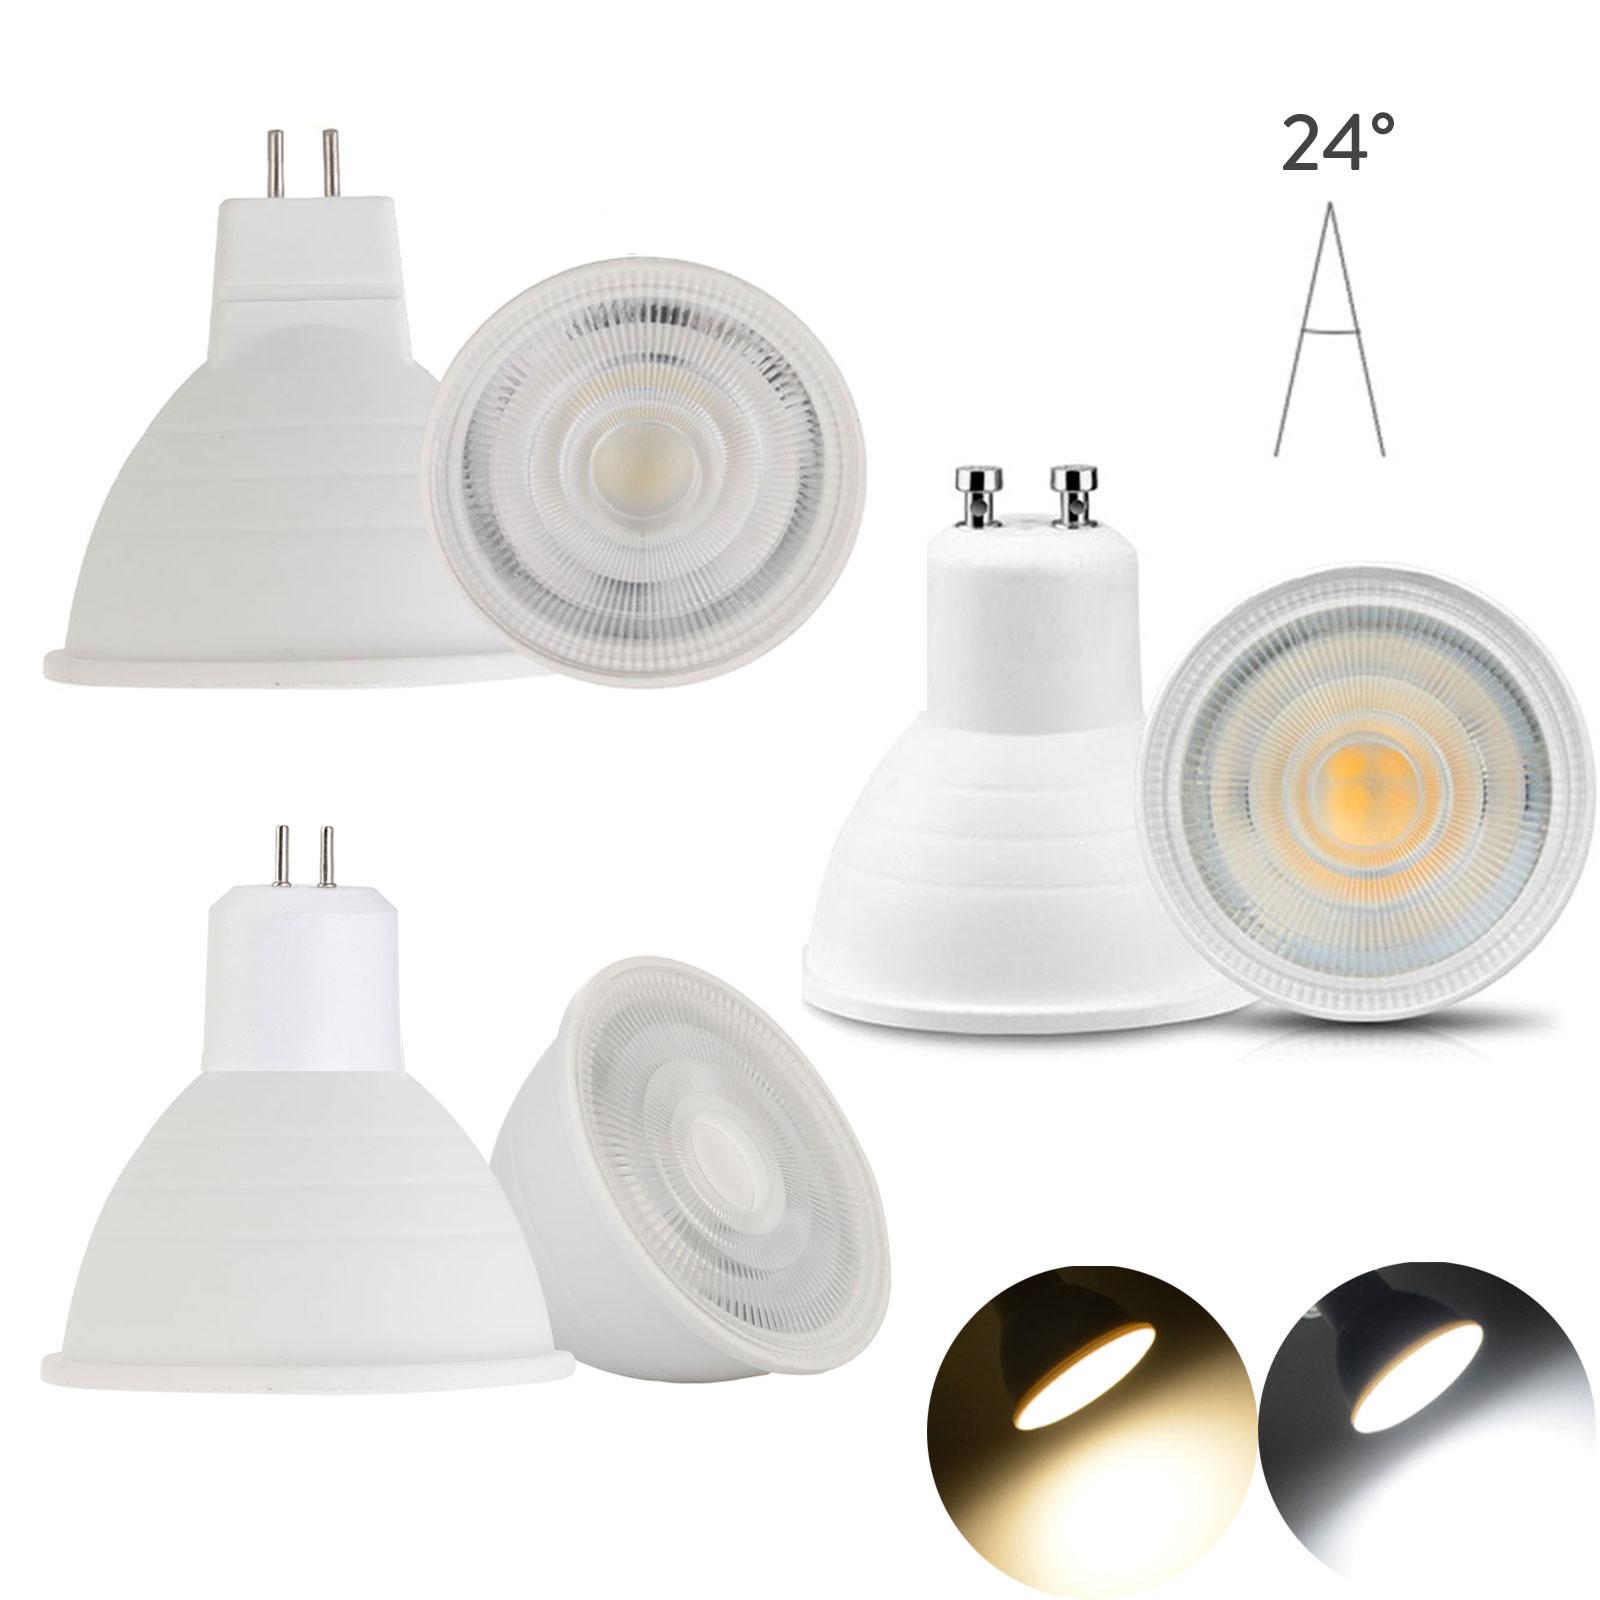 Dimmable LED Bulb MR16 GU10 GU5.3 Lampada Led 7W AC 220V-240V 24 degree Bombillas LED Lamp Spotlight Lampara LED Spot Light